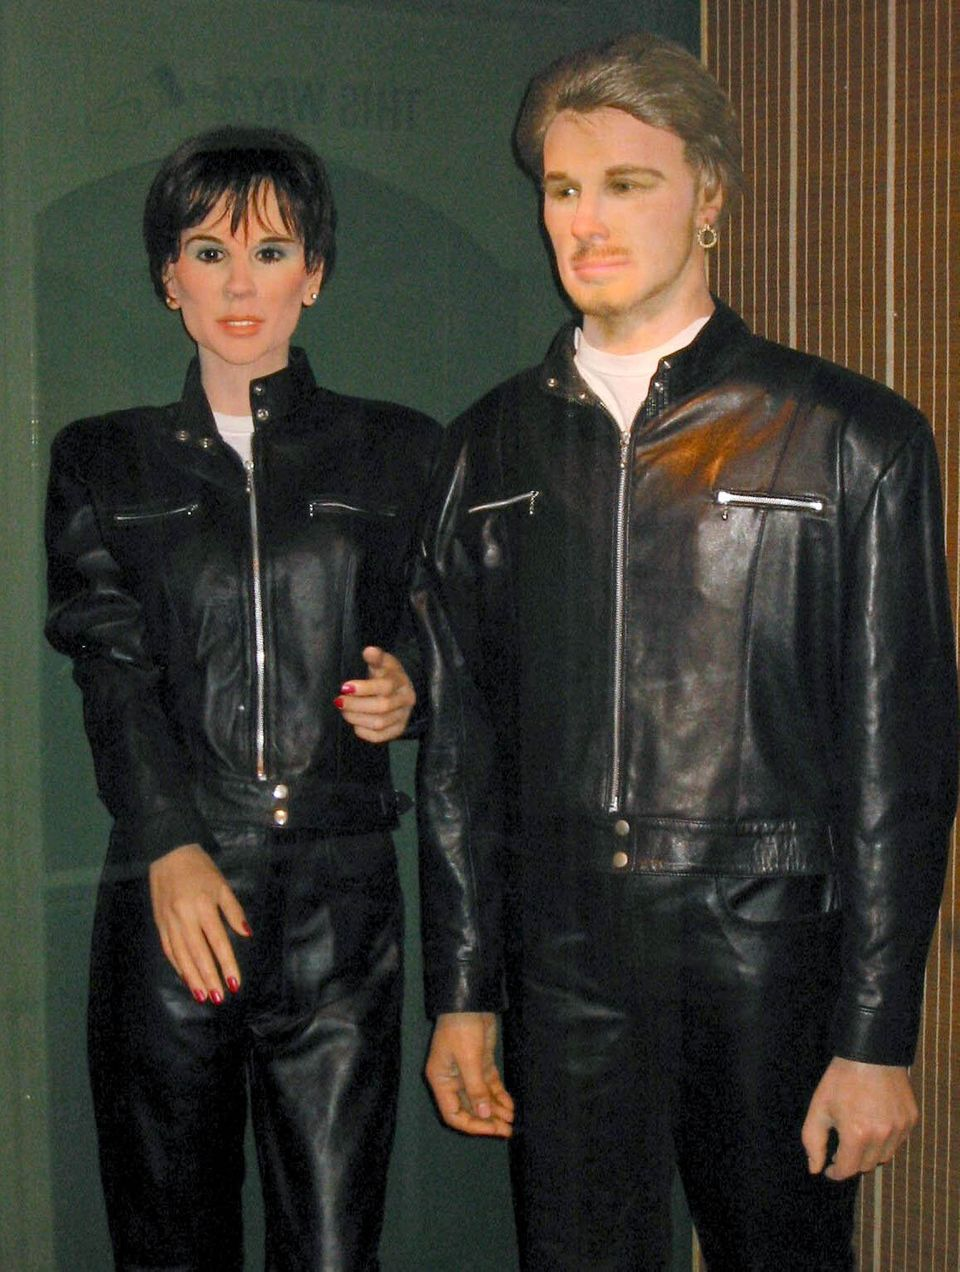 David And Victoria: A Love